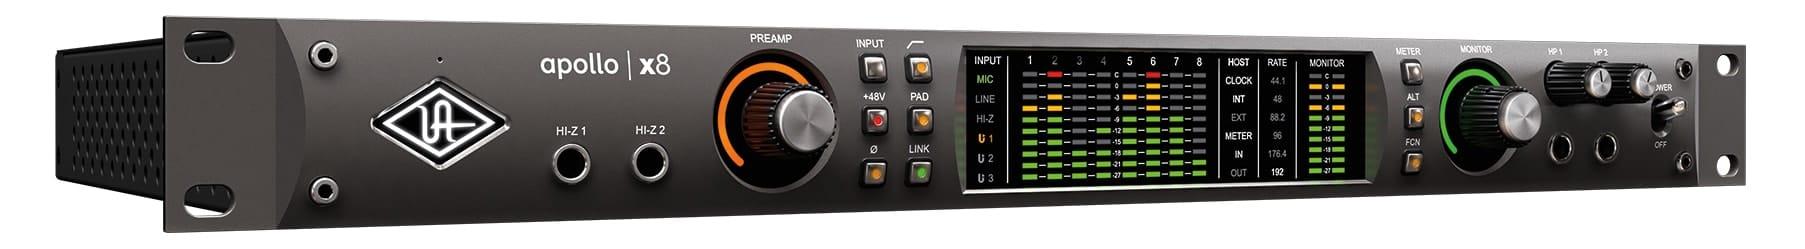 Universal Audio Apollo X8 Heritage Edition Audiointerface